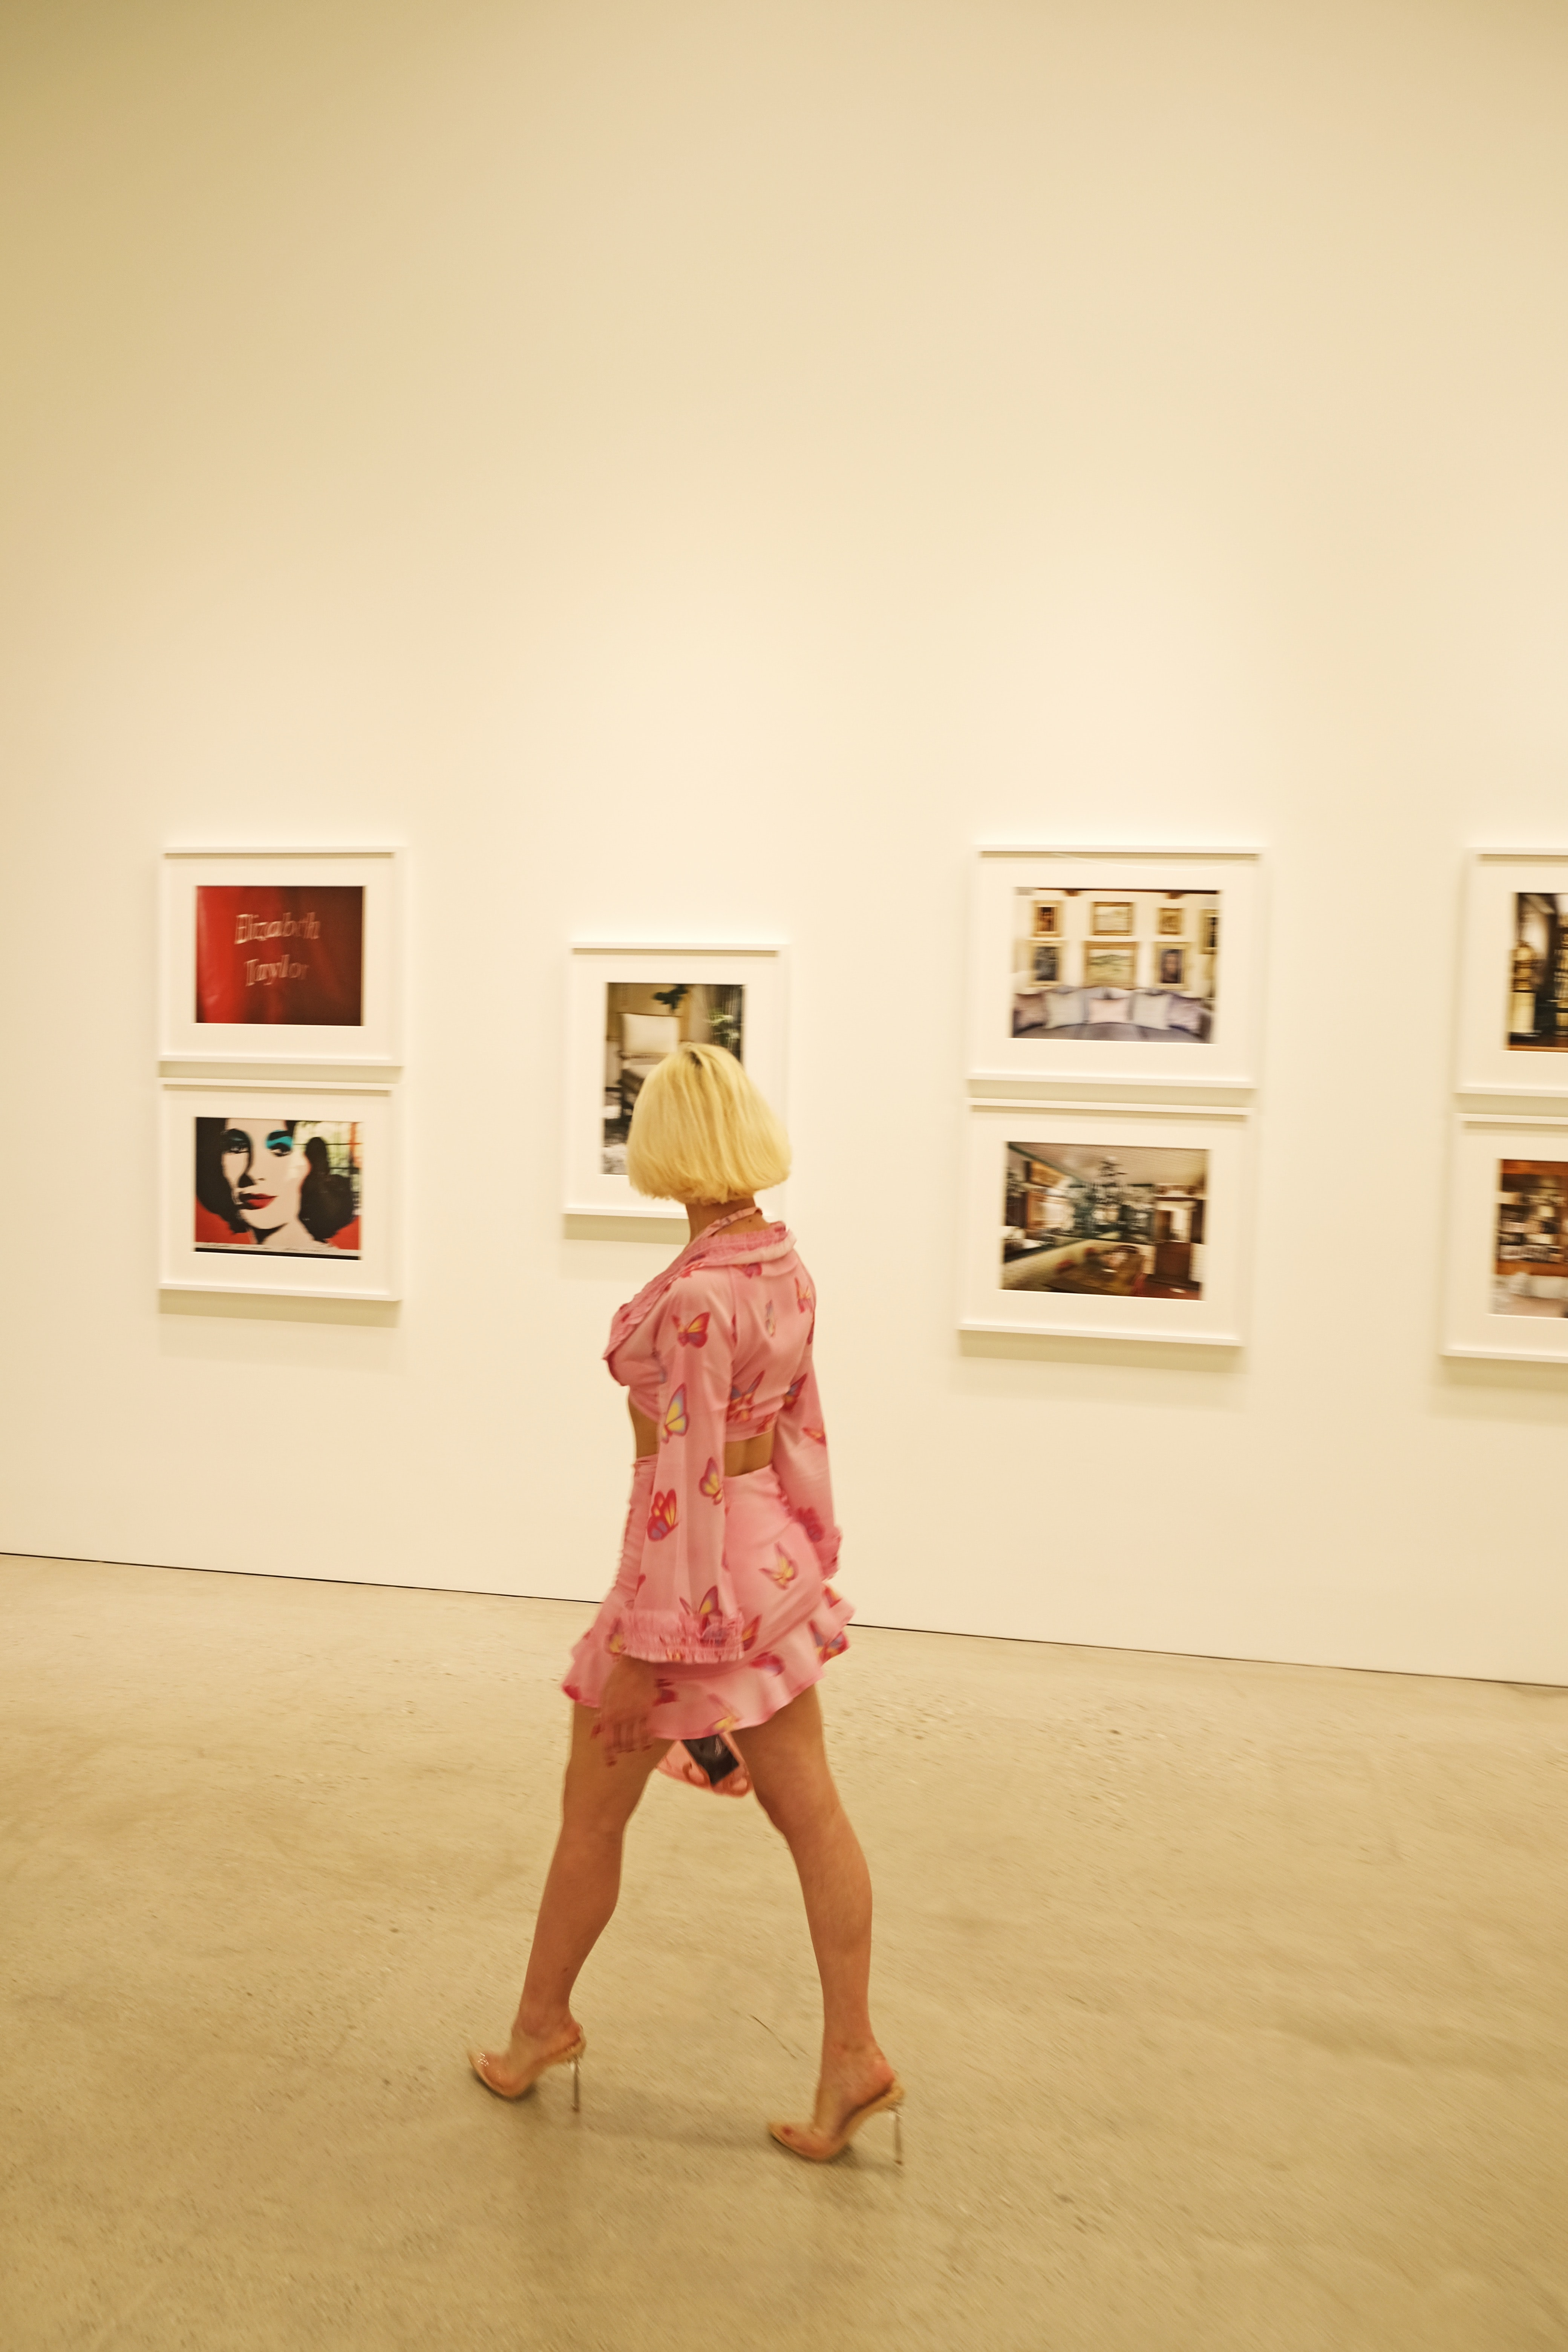 Online: Bílá sukně. Ženské umělecké osobnosti 60. a 70